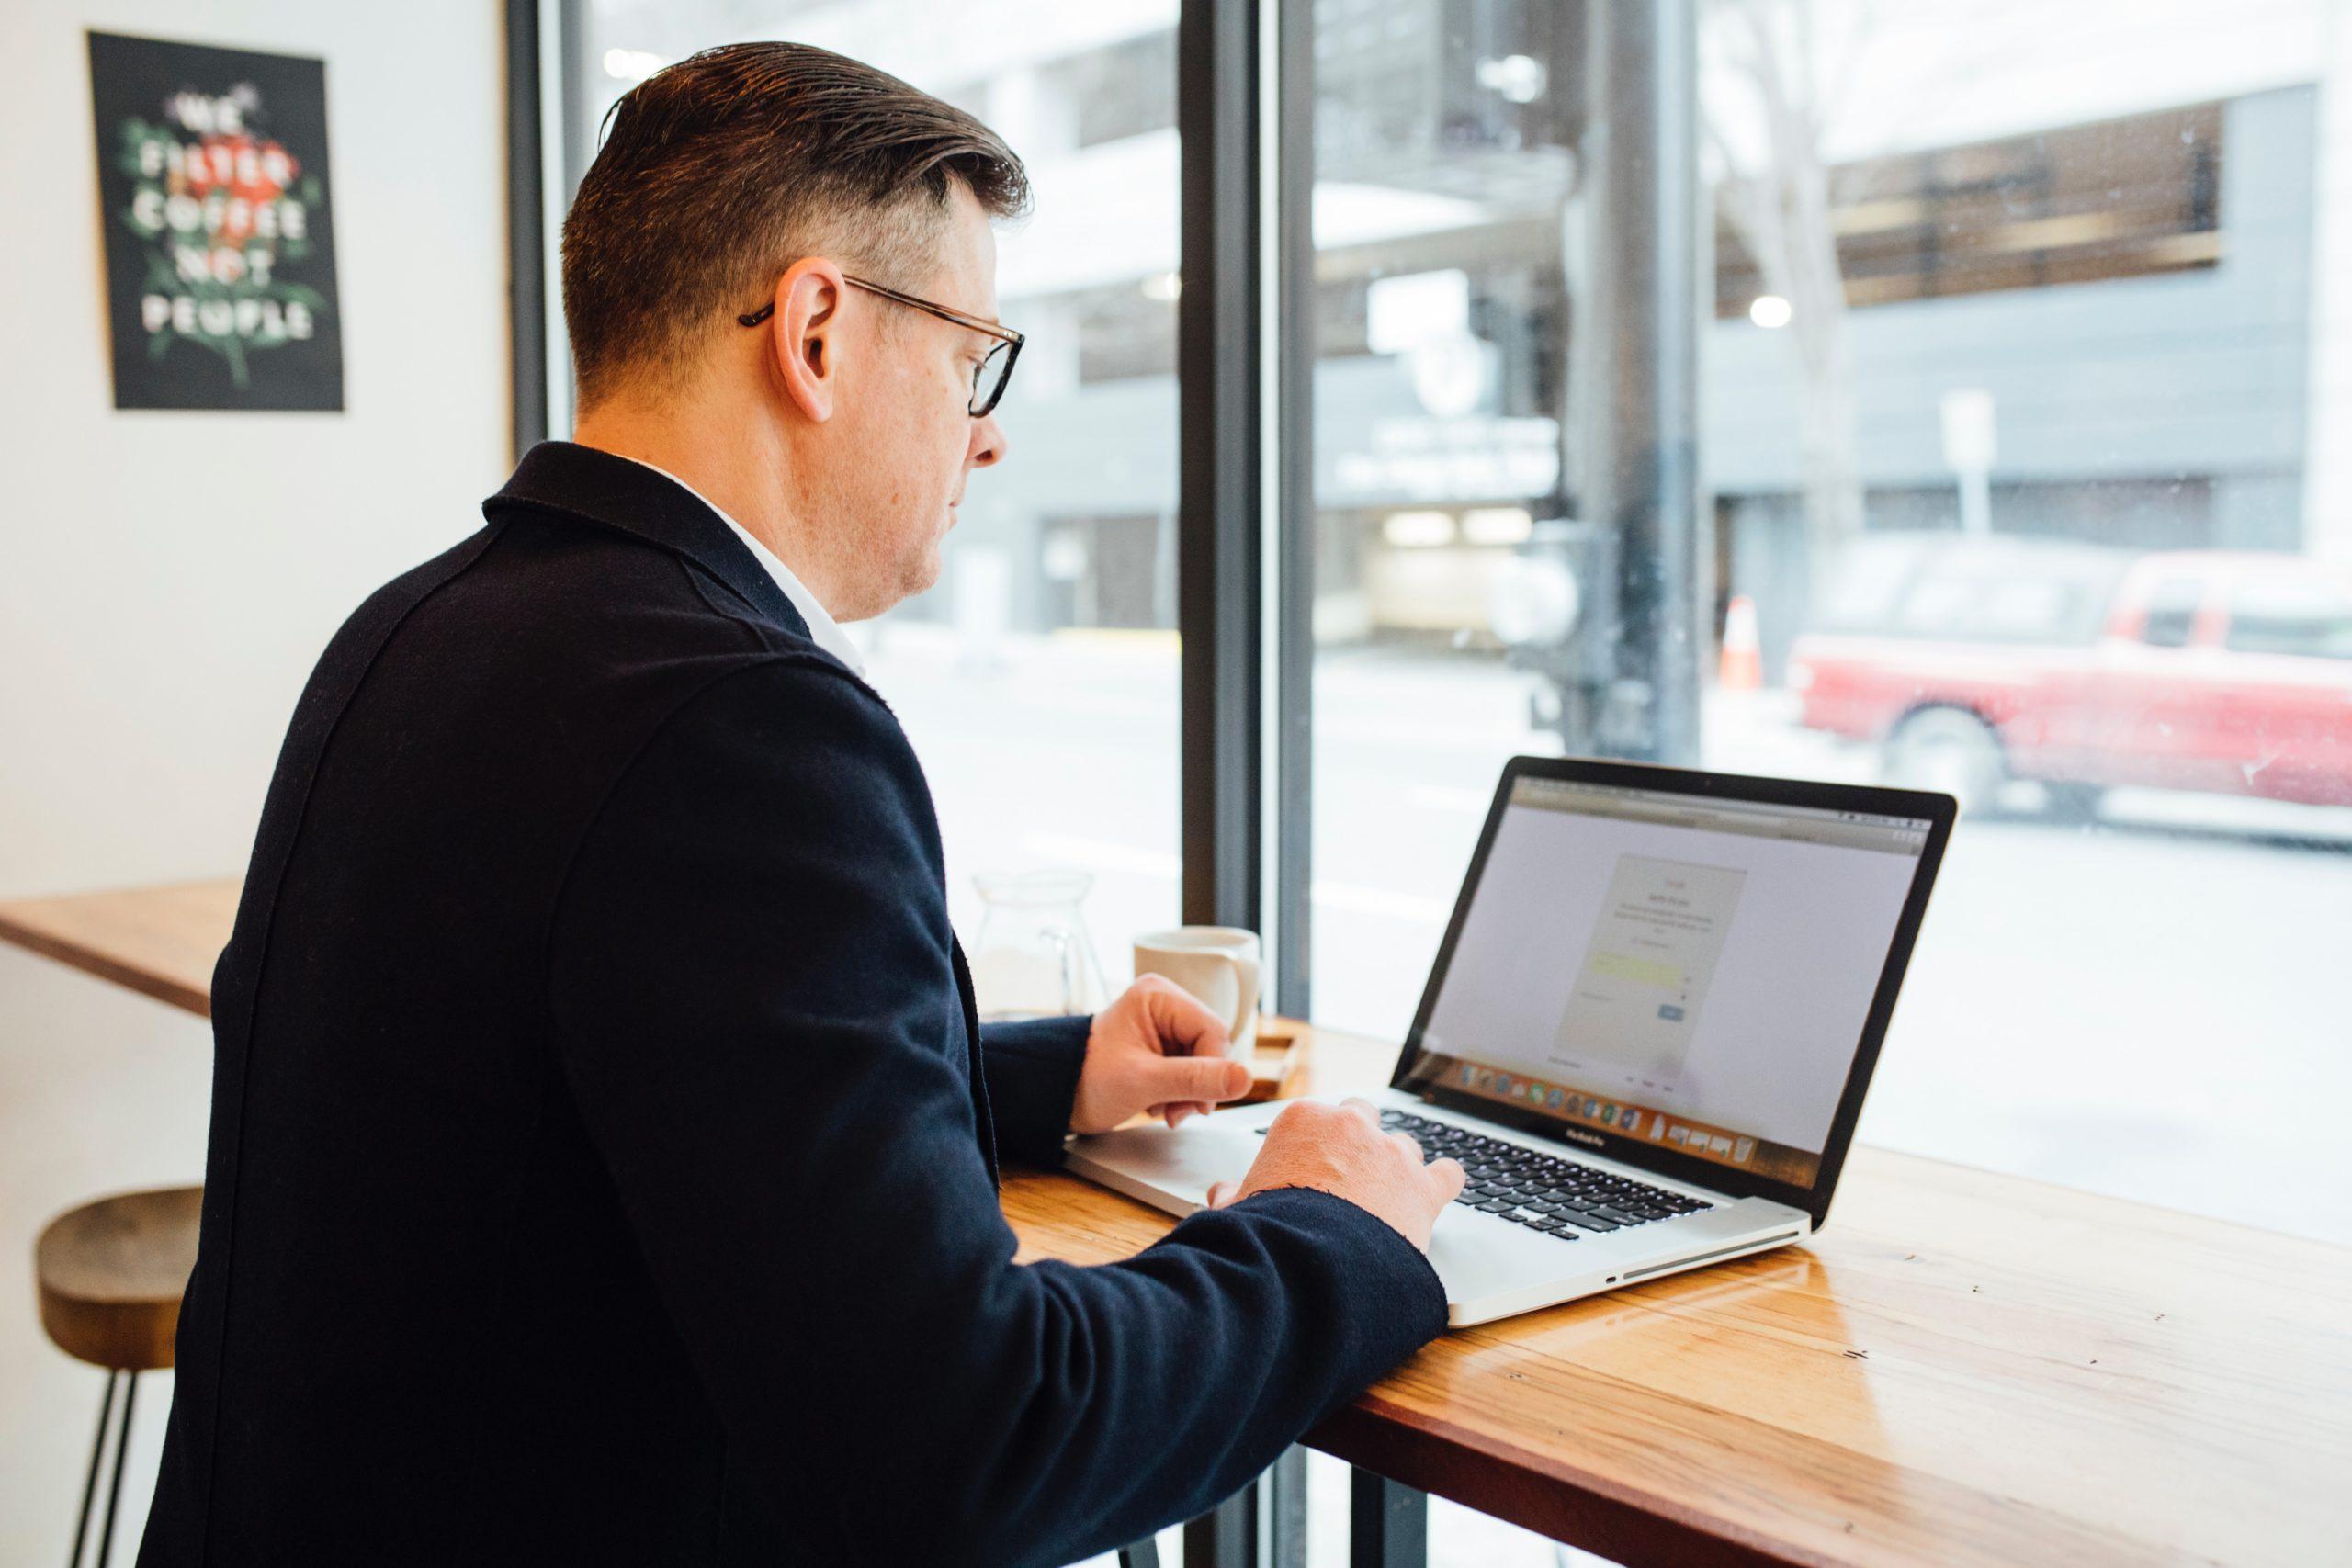 weekly feedback and update meetings